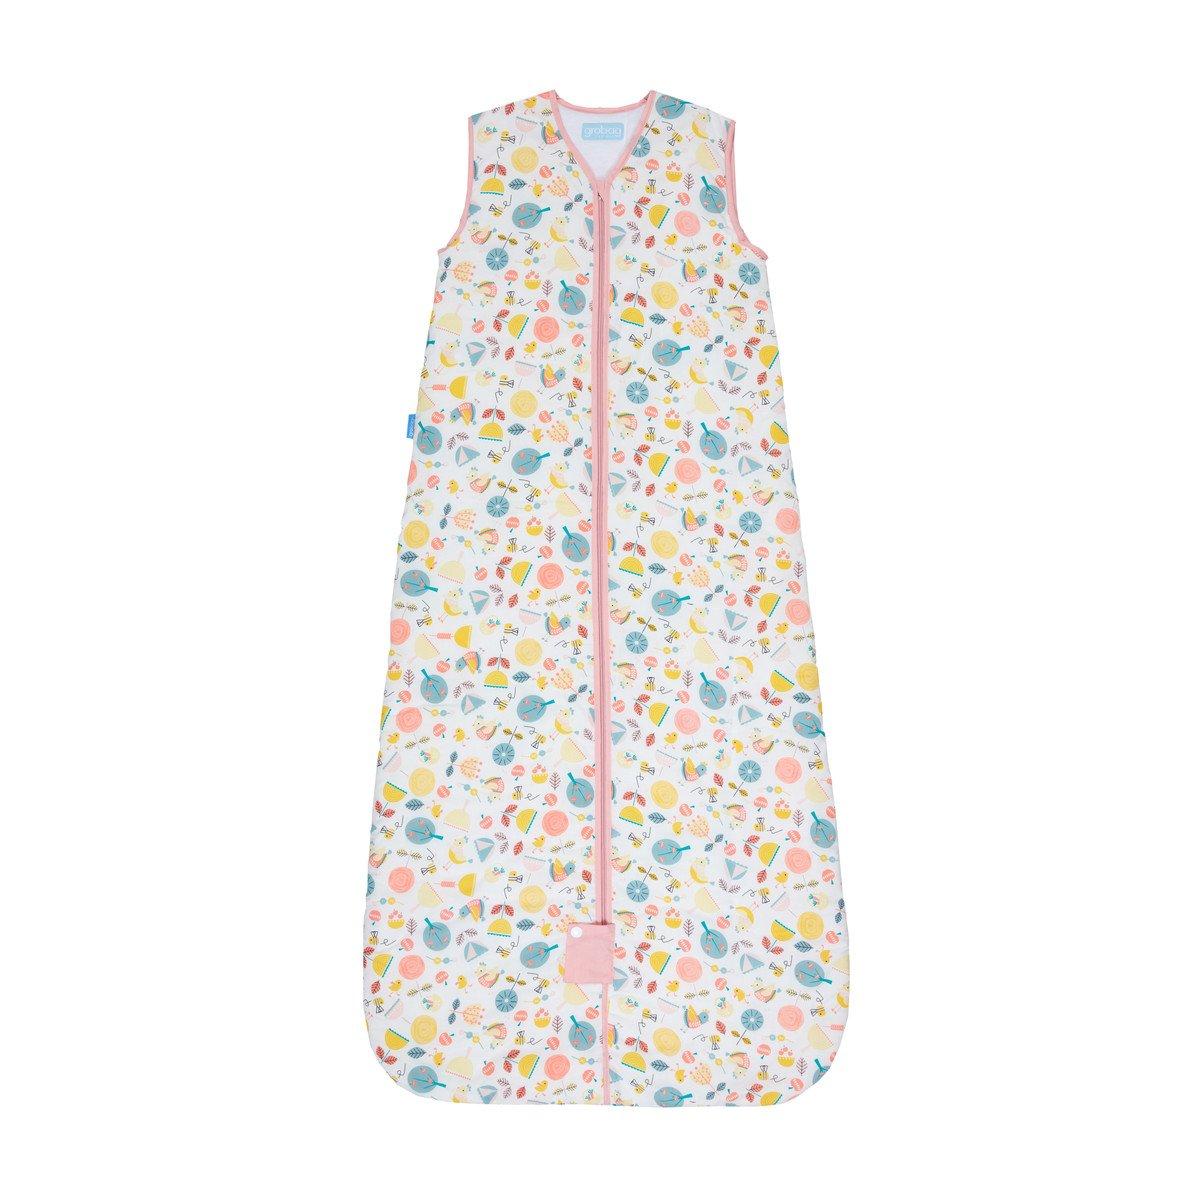 Gro Premium - Saco de dormir, 3-6 años, diseño jardín, tog 2.5: Amazon.es: Bebé